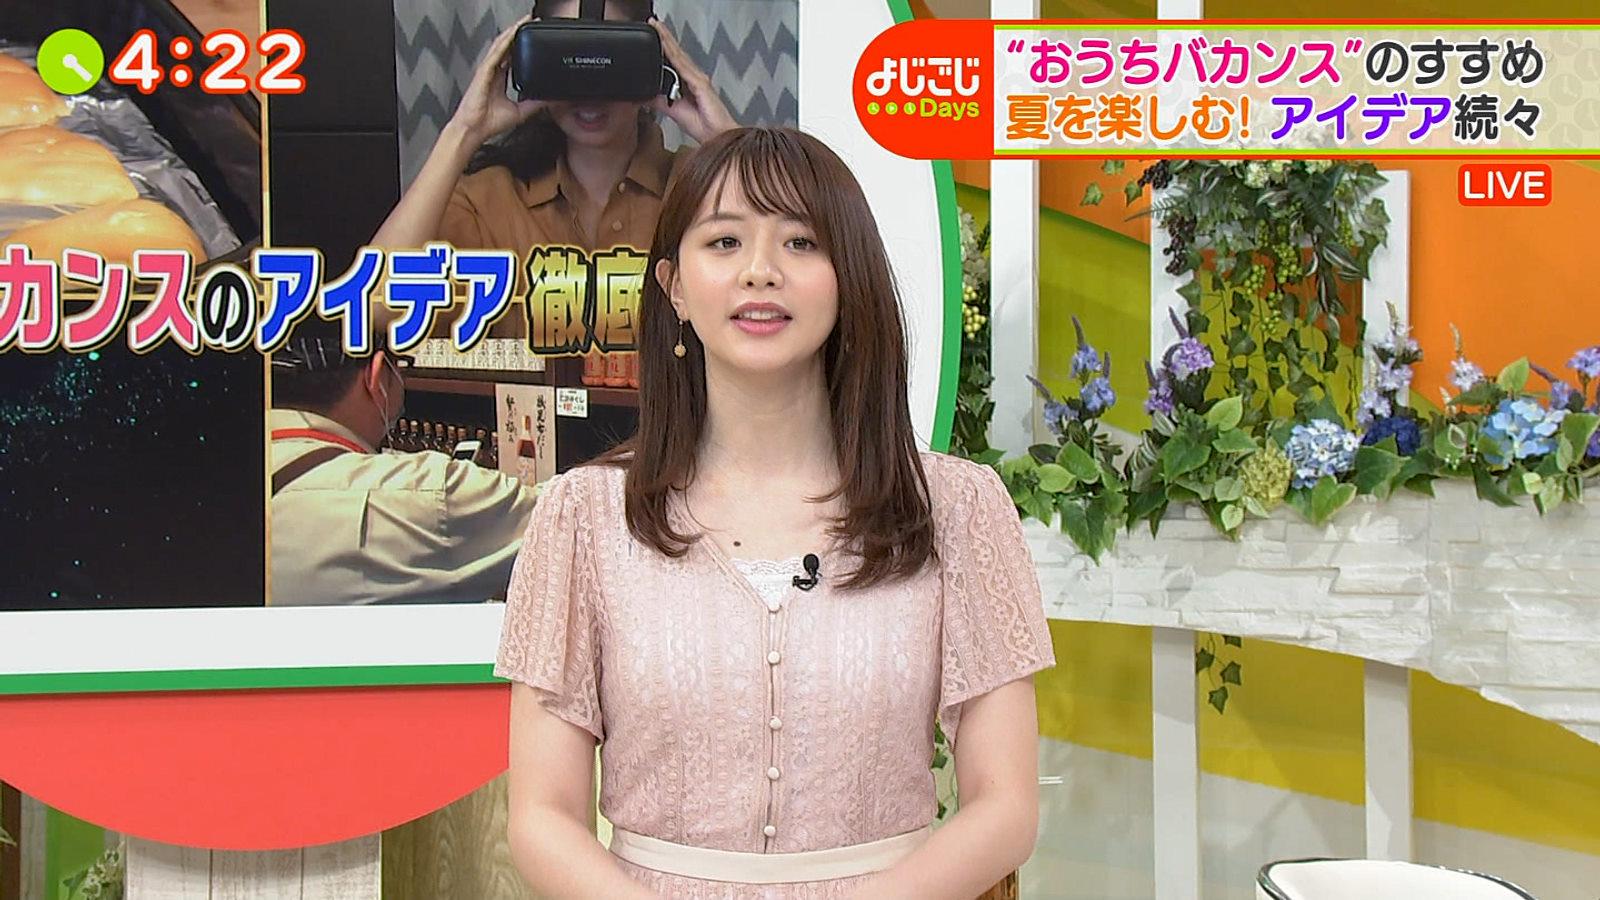 森香澄_女子アナ_おっぱい_乳揺れ_よじごじDAYS_28